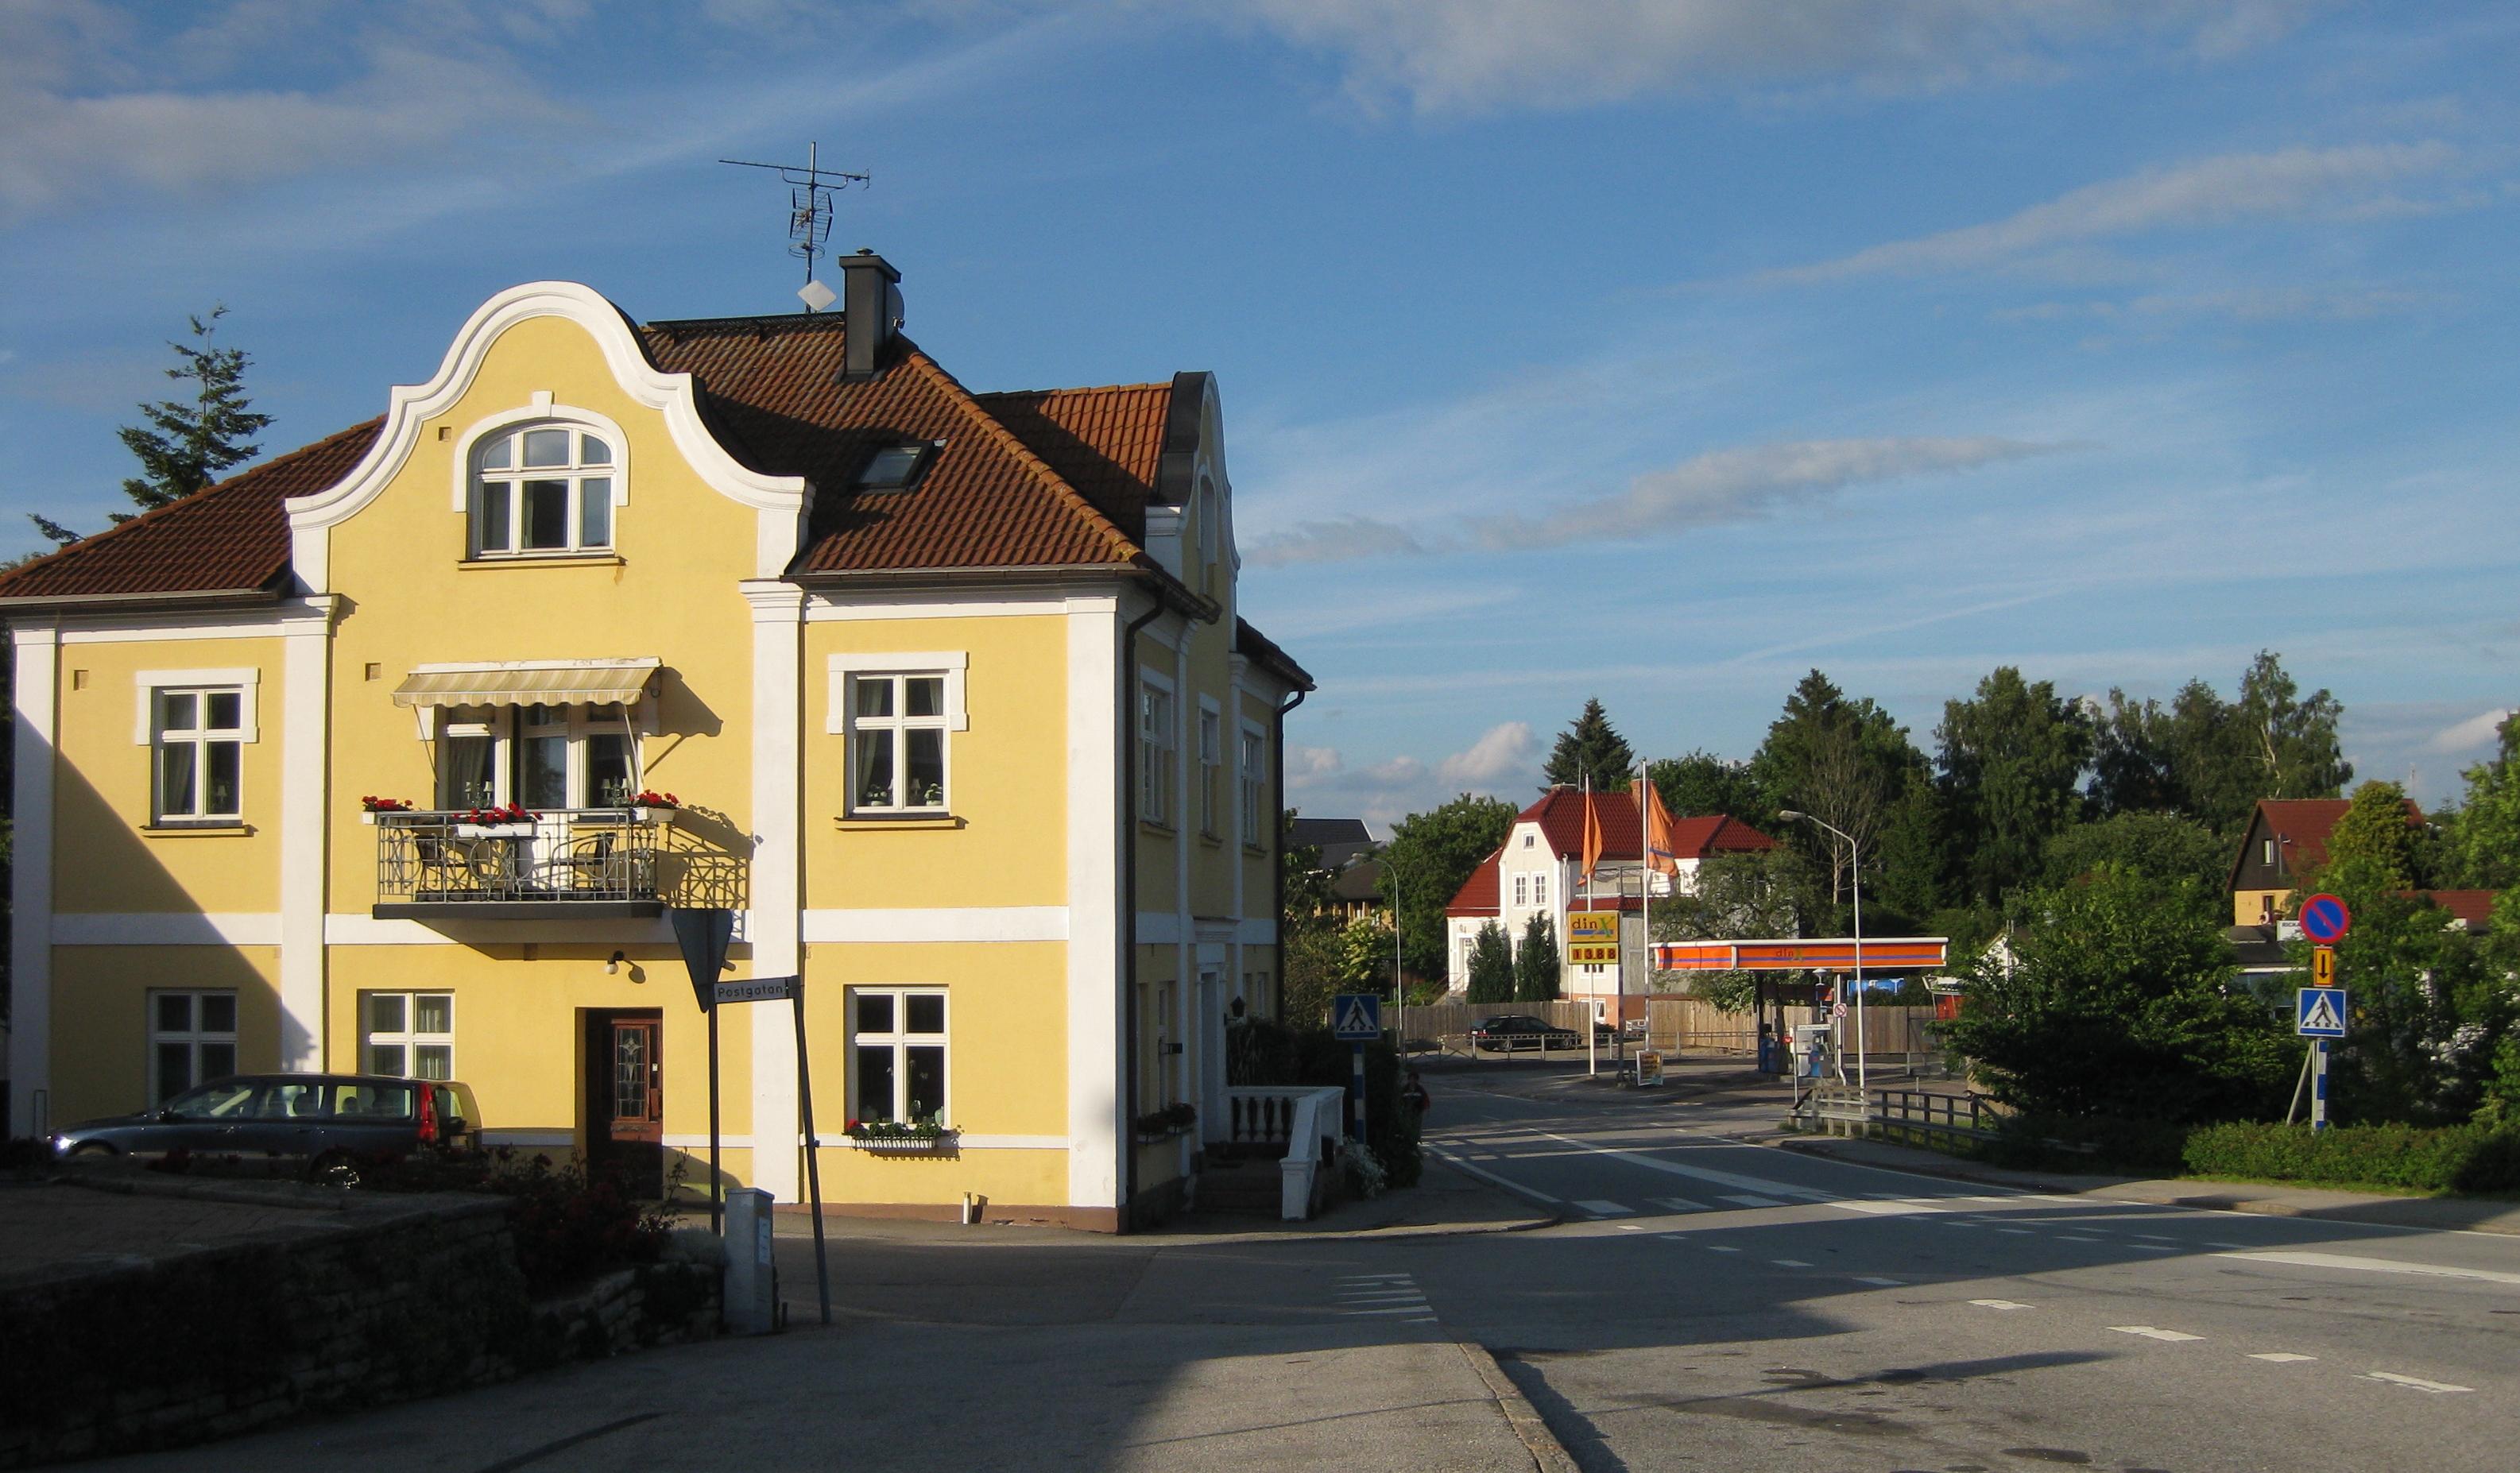 Fil:TRJ Rydsgrd railway station Sweden garagesale24.net Wikipedia